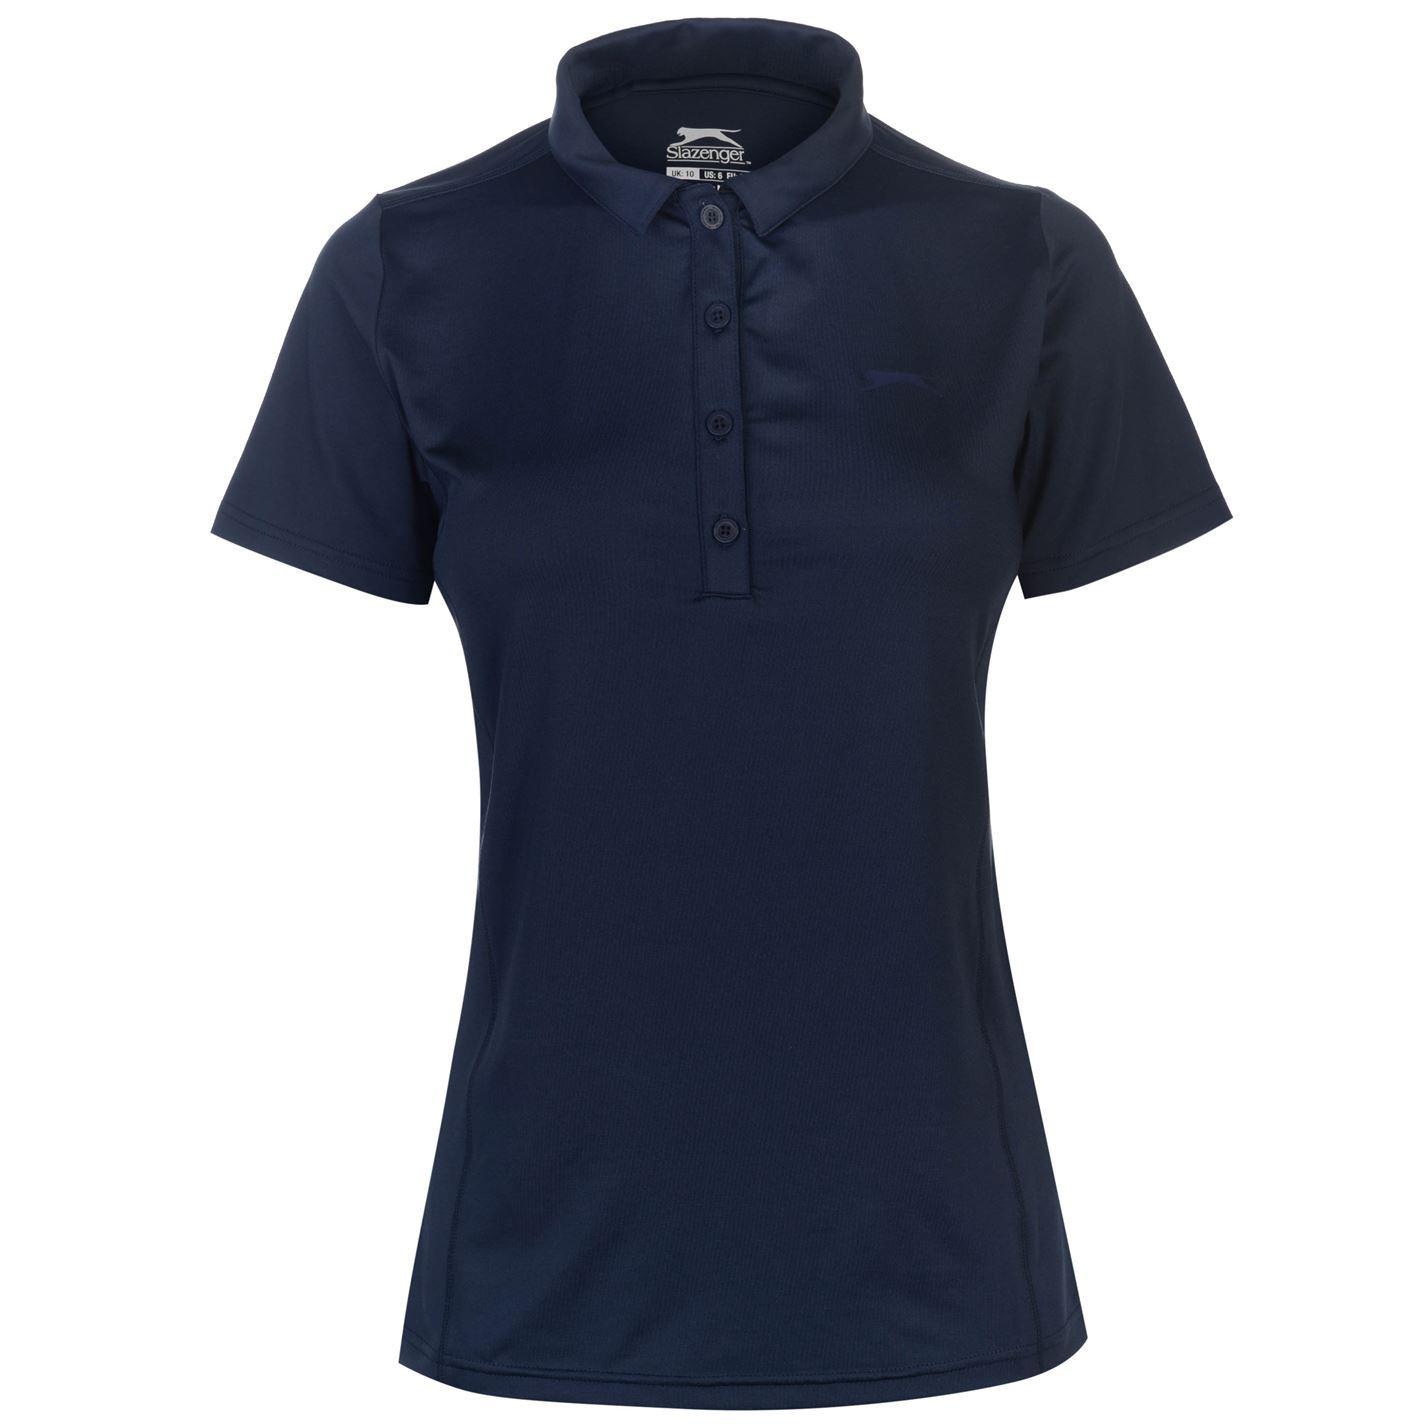 Slazenger-Plain-Golf-Polo-Shirt-Womens-T-Shirt-Top-Tee-Activewear miniature 6